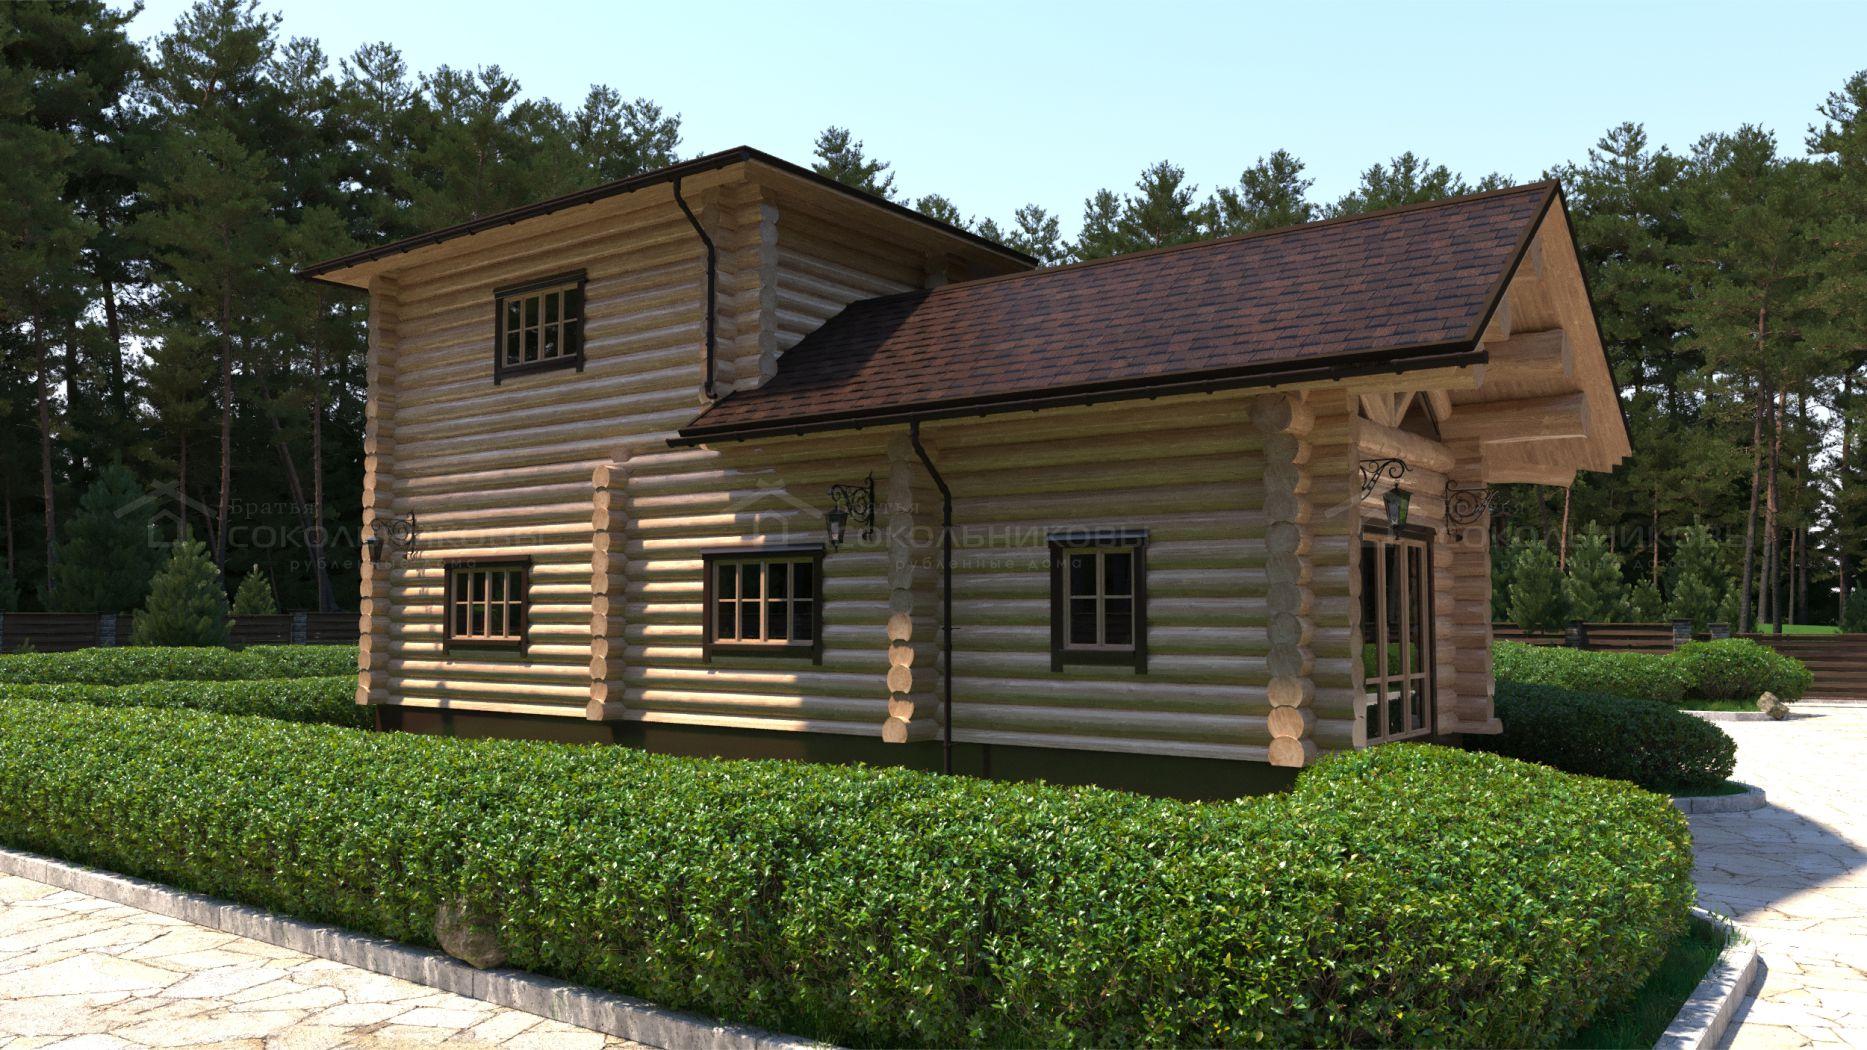 Рубленный дом с элементами Post and Beam, 150 кв. м, фото 5